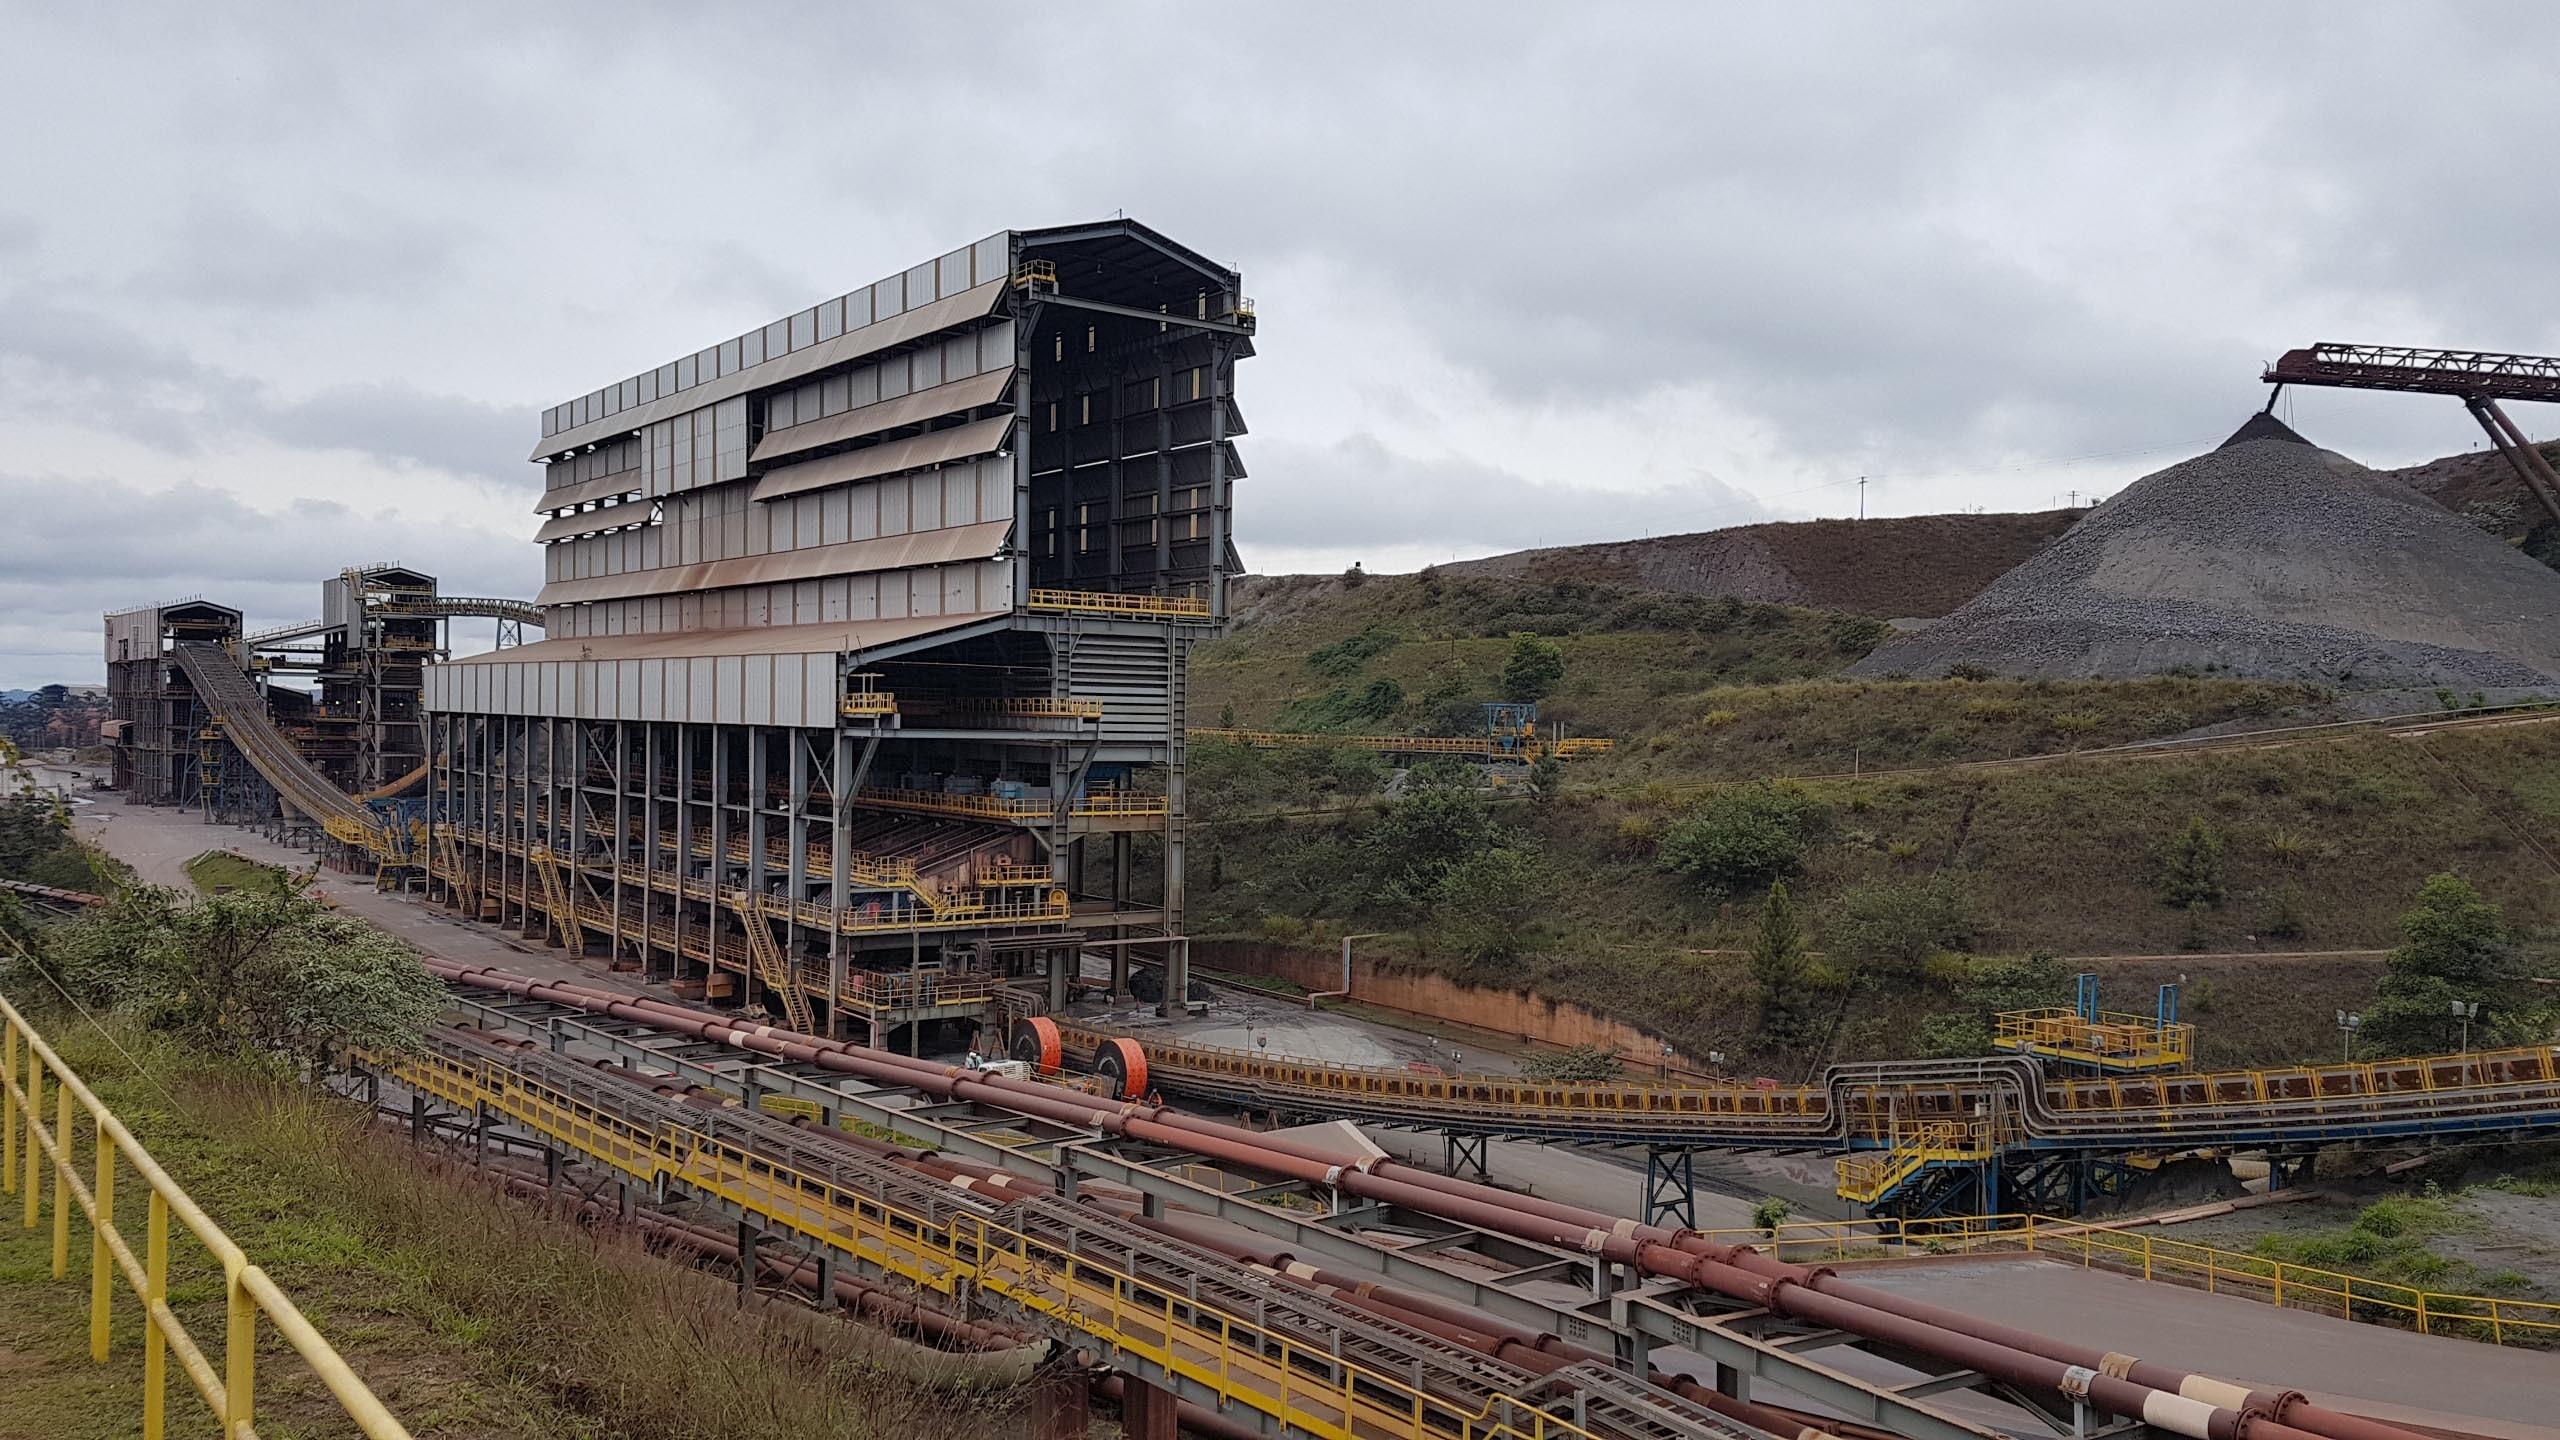 Vale suspende despejo de rejeito e eleva nível de segurança em barragem de Itabira, em MG - Notícias - Plantão Diário